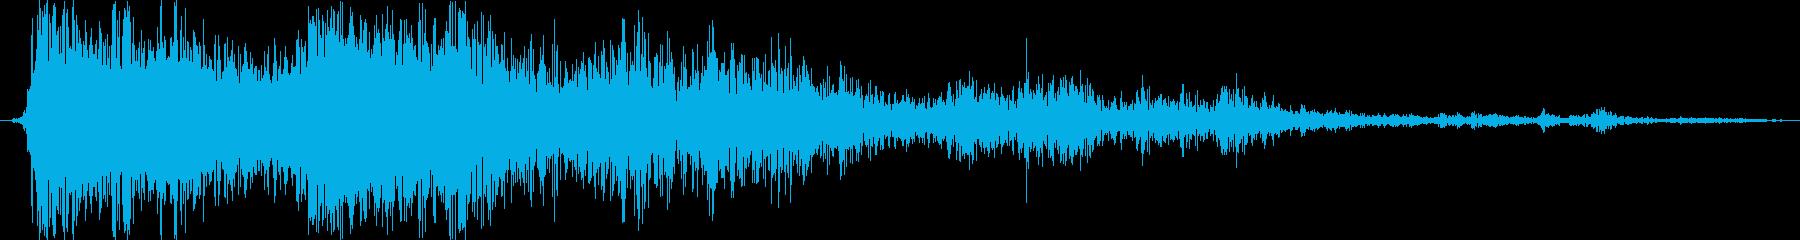 シングルヘビーサンダークラップアン...の再生済みの波形